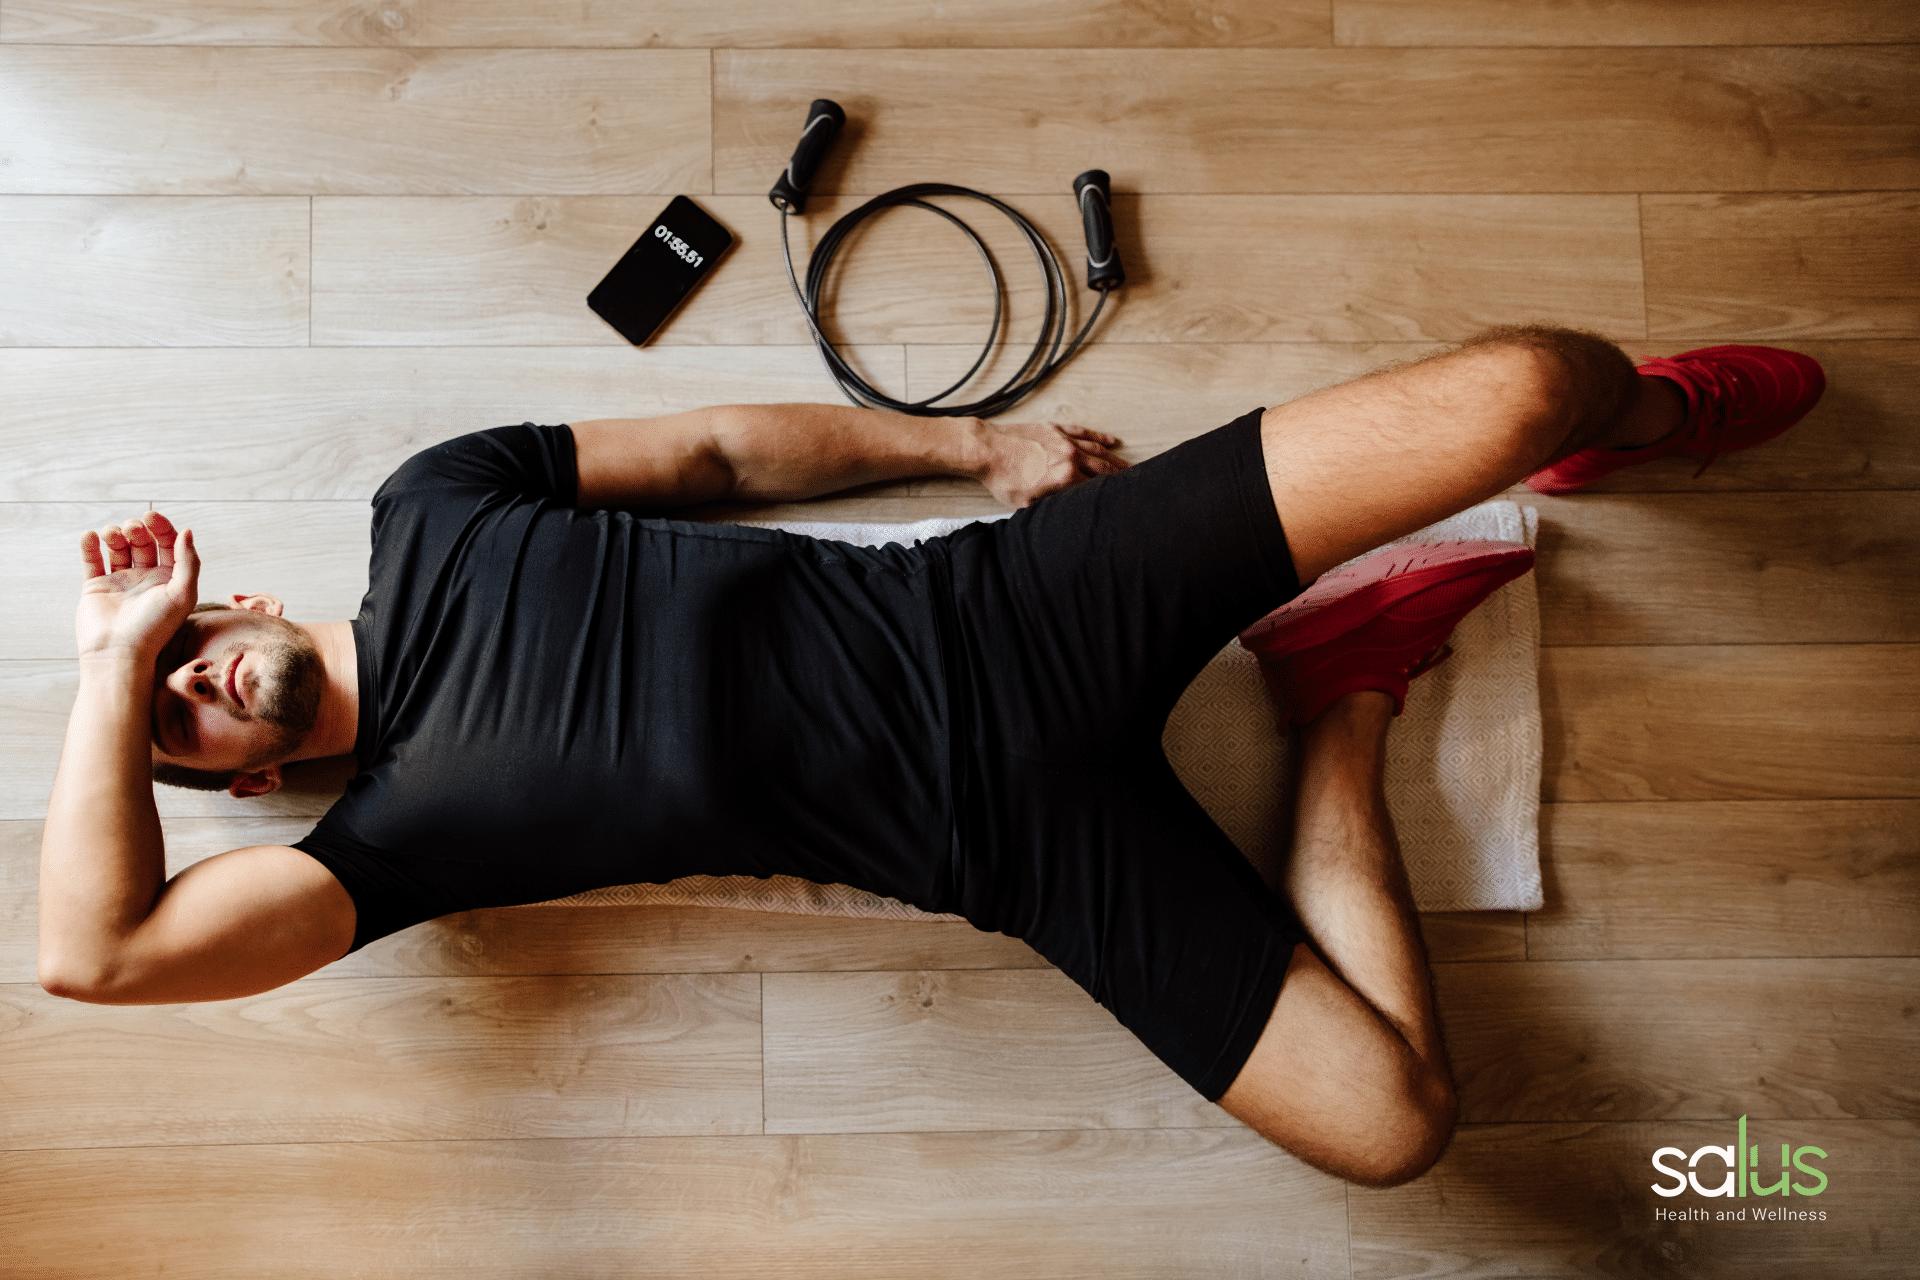 Salus blog - affaticamento muscolare